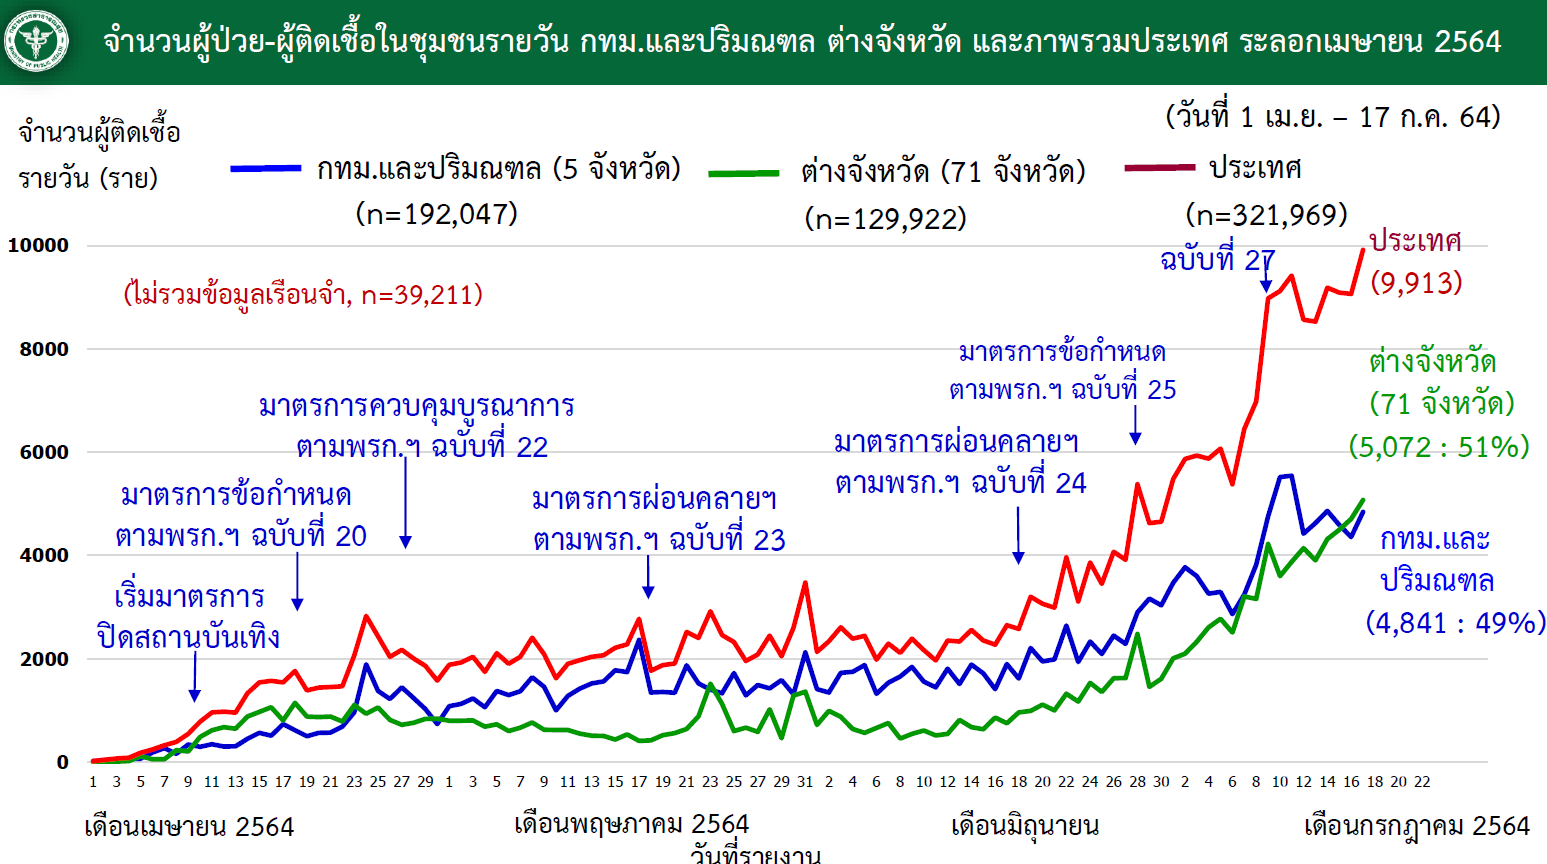 www.thaiguide.dk/images/forum/covid19/smitte%20bangkok%20resten%20over%20tiden%2017-07-21.jpeg